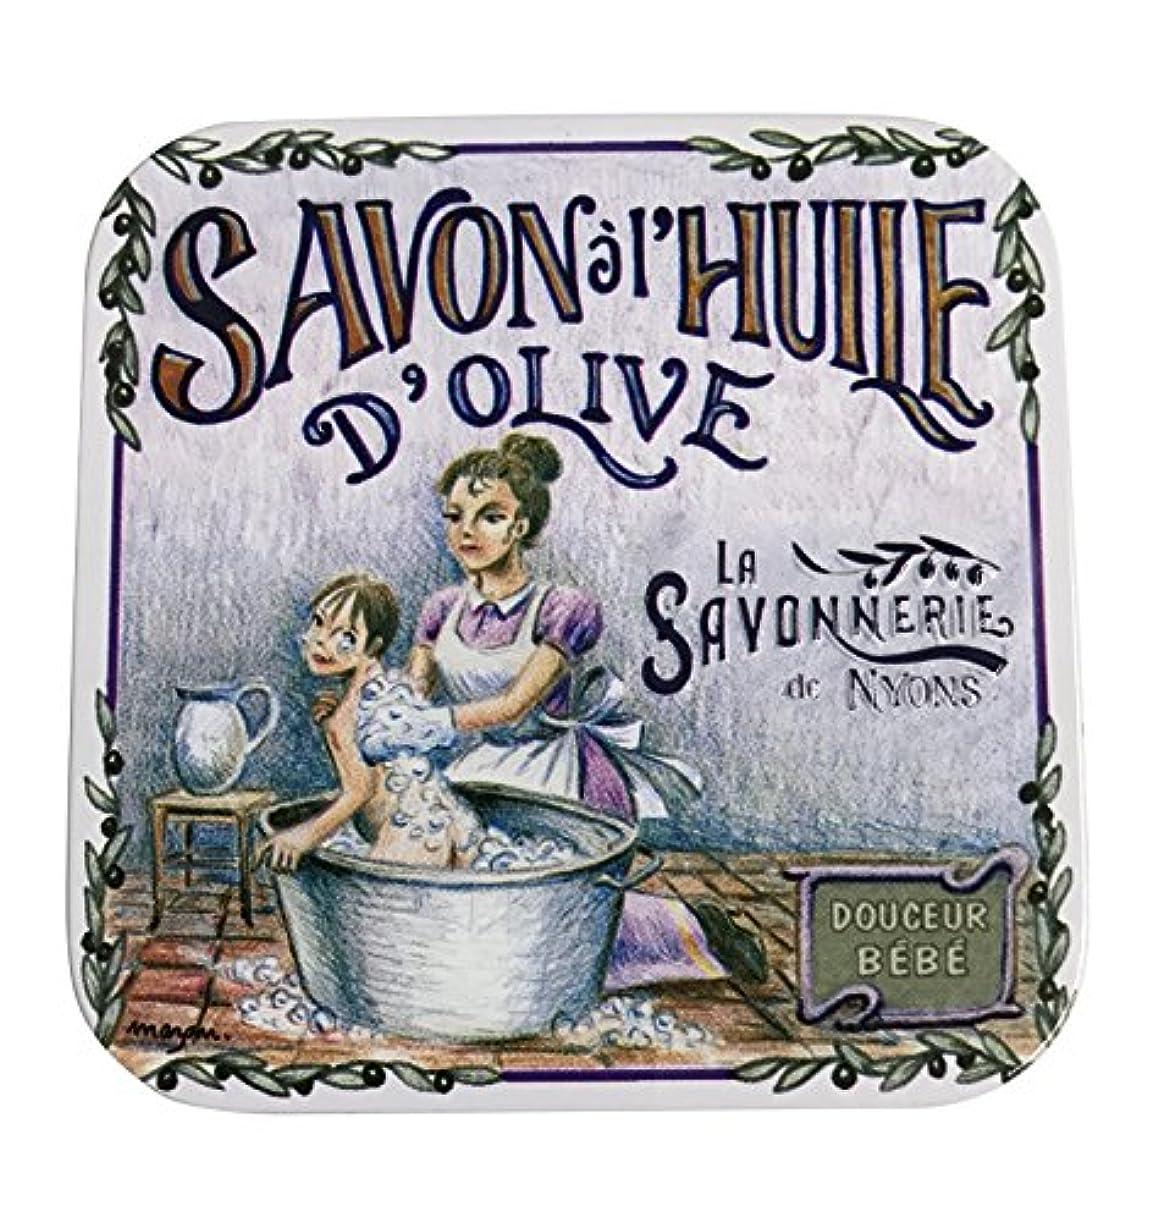 従来の栄光のラジカルラ?サボネリー アンティーク缶入り石鹸 タイプ100 ハウスワイフ(ローズ)